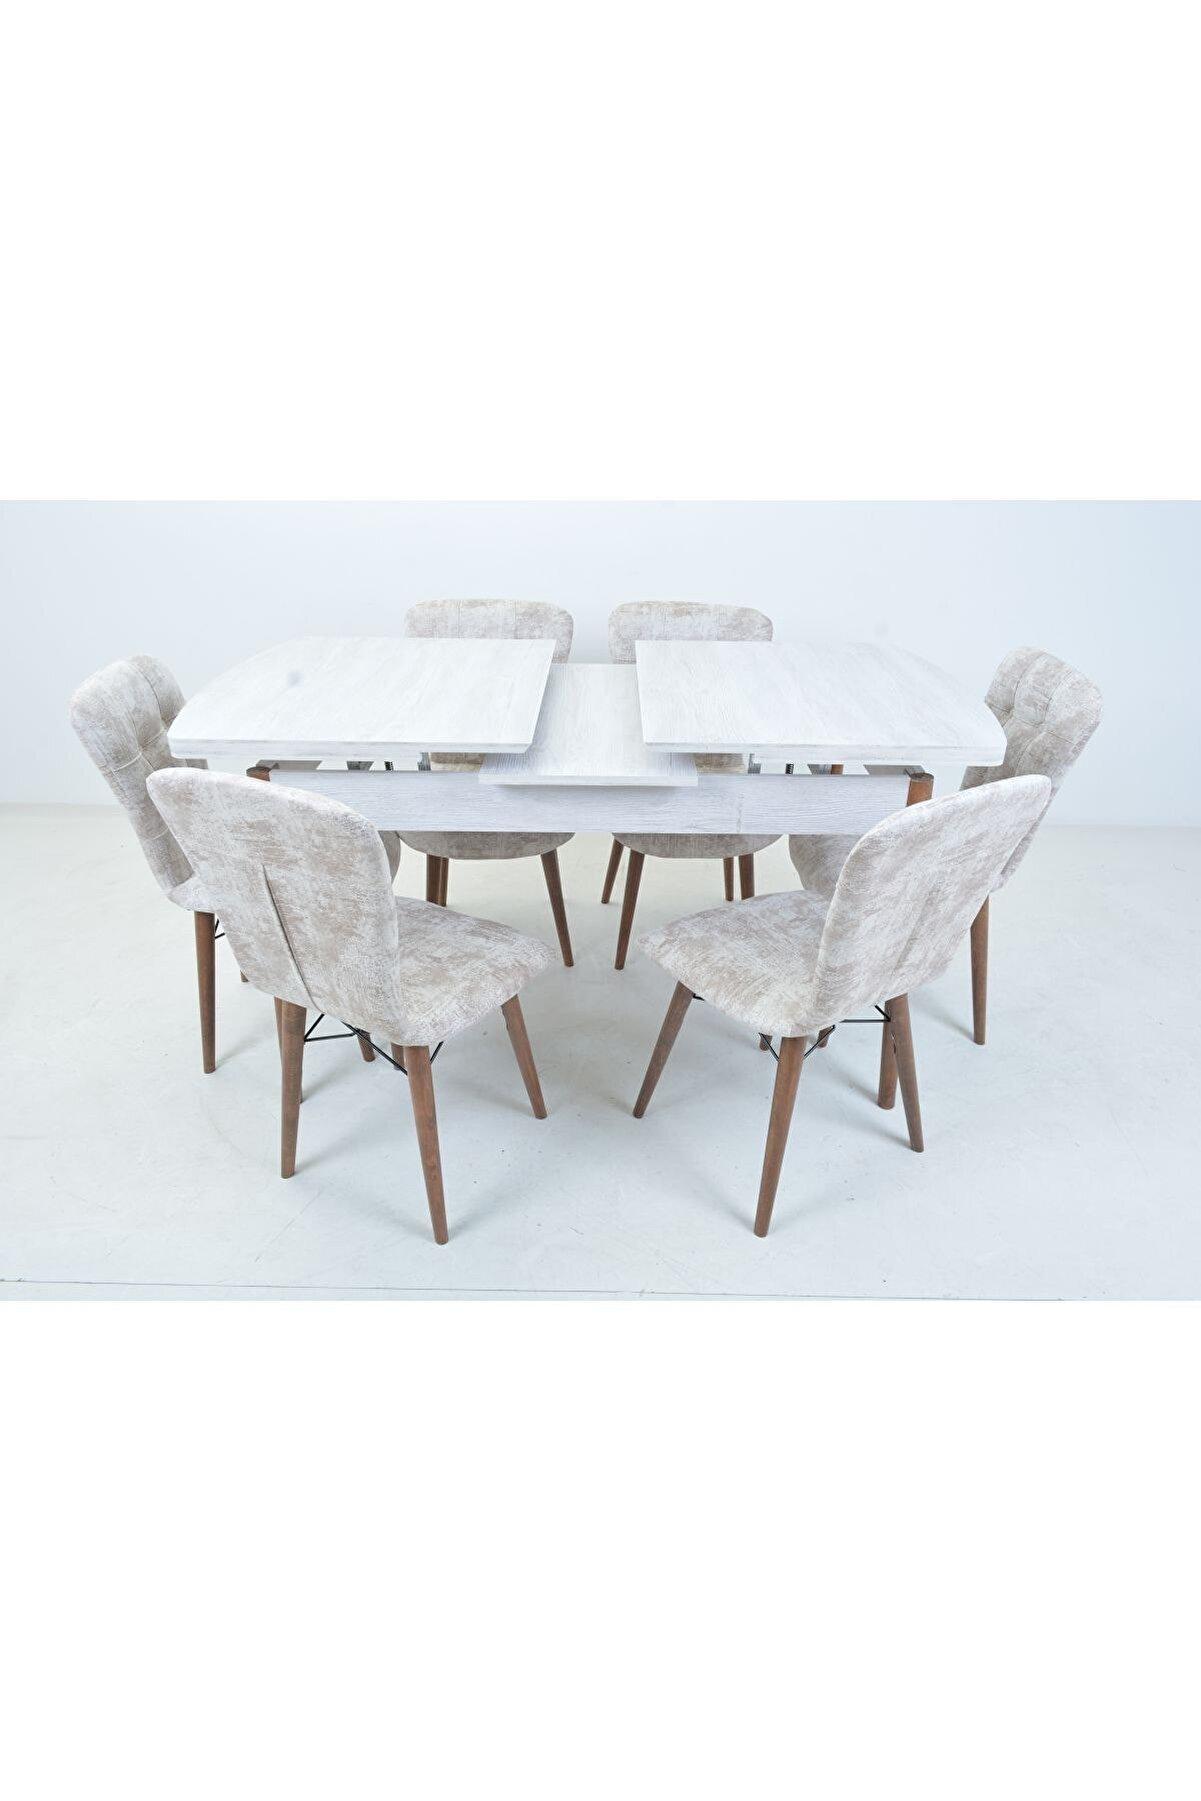 Mobildeco Işıl 6 Kişilik Kelebek Açılır Yemek Masa Sandalye Takım